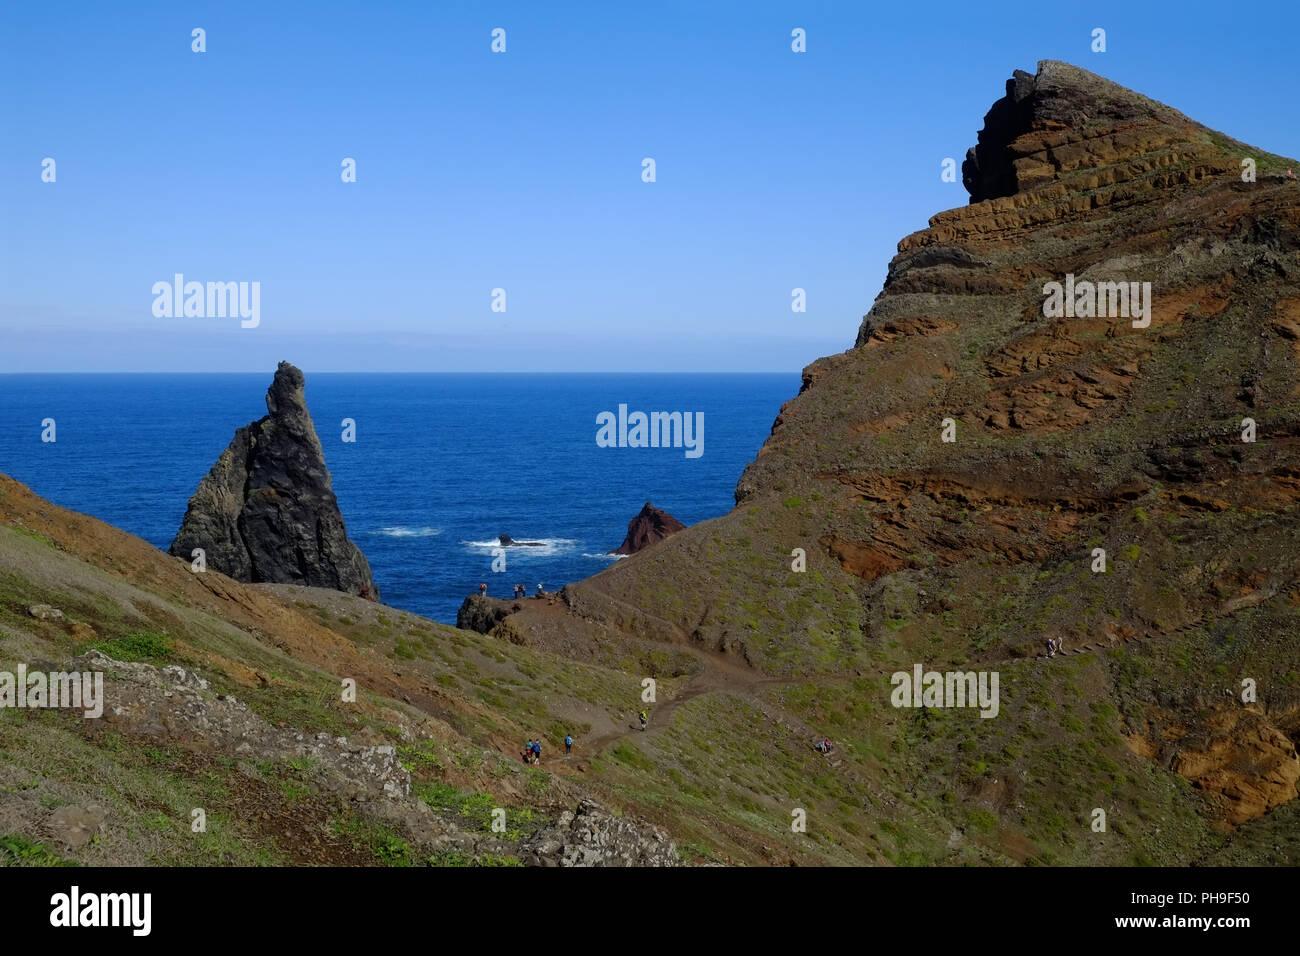 Madeira, Ponta de Sao Lourenco, Northeast Coast - Stock Image